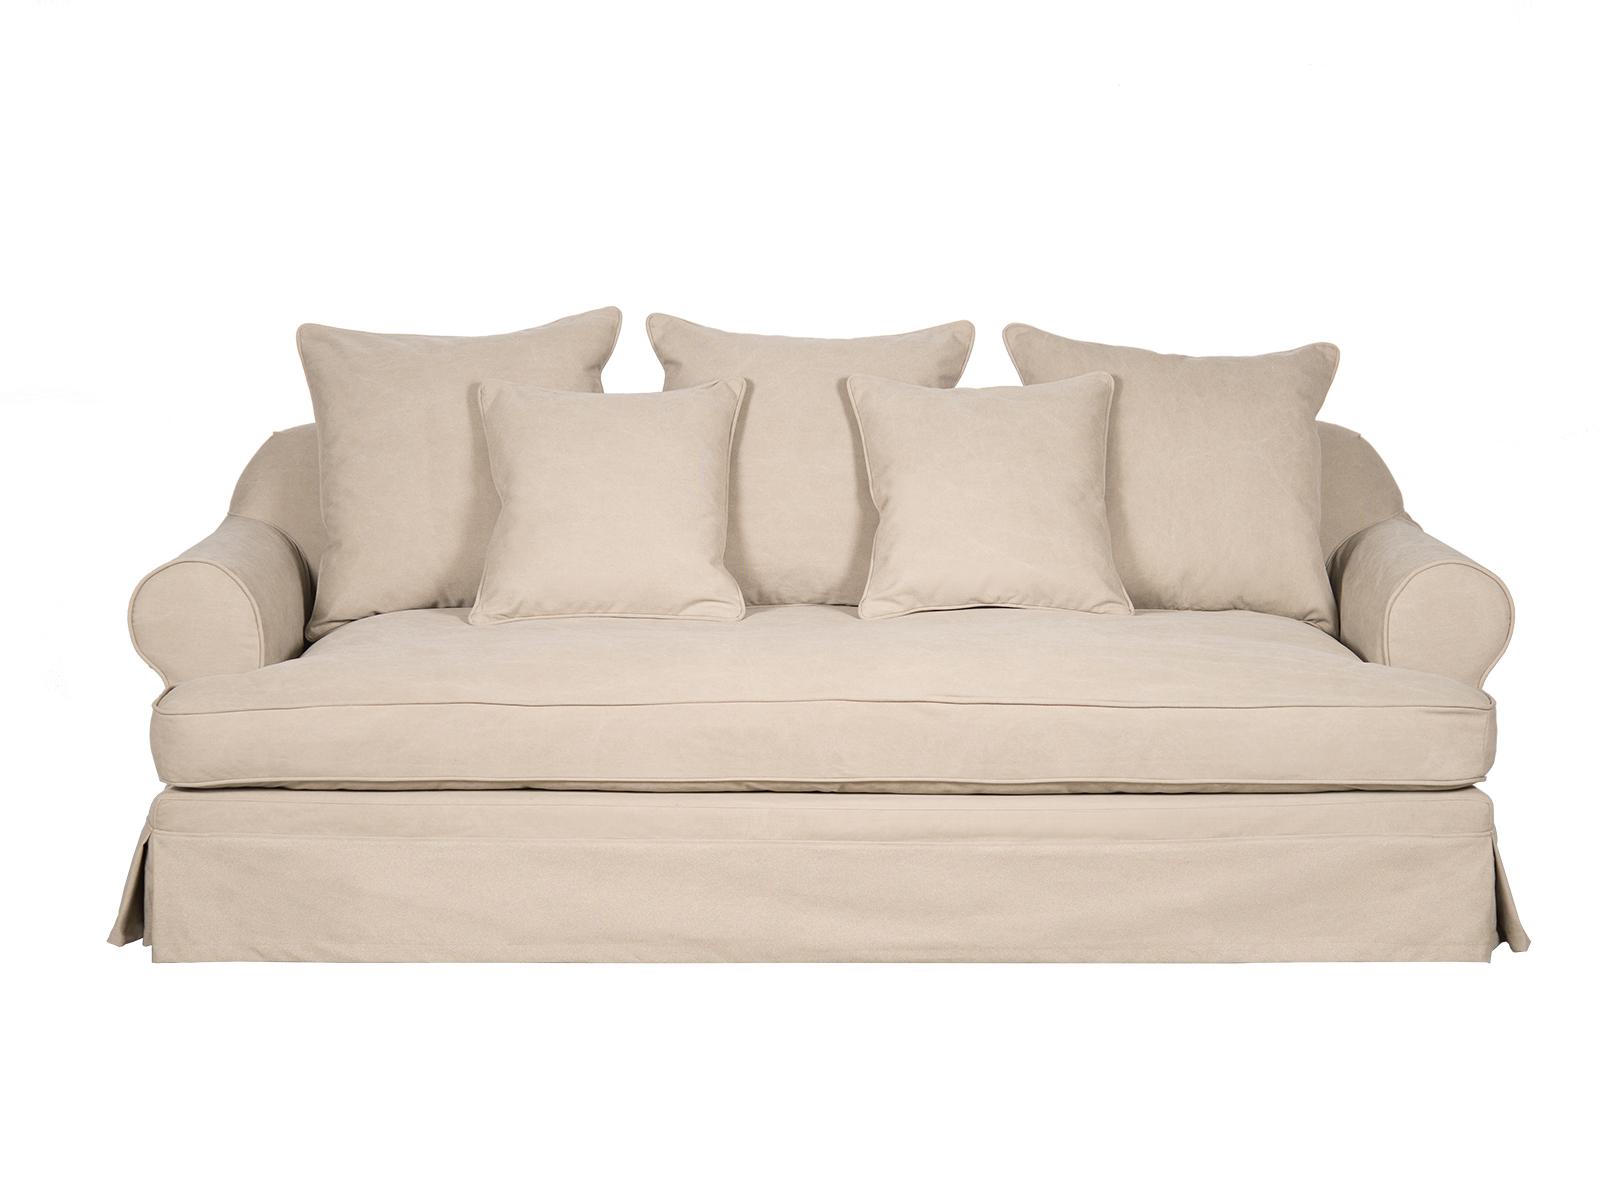 Canapea fixa 2,5 locuri Belinda